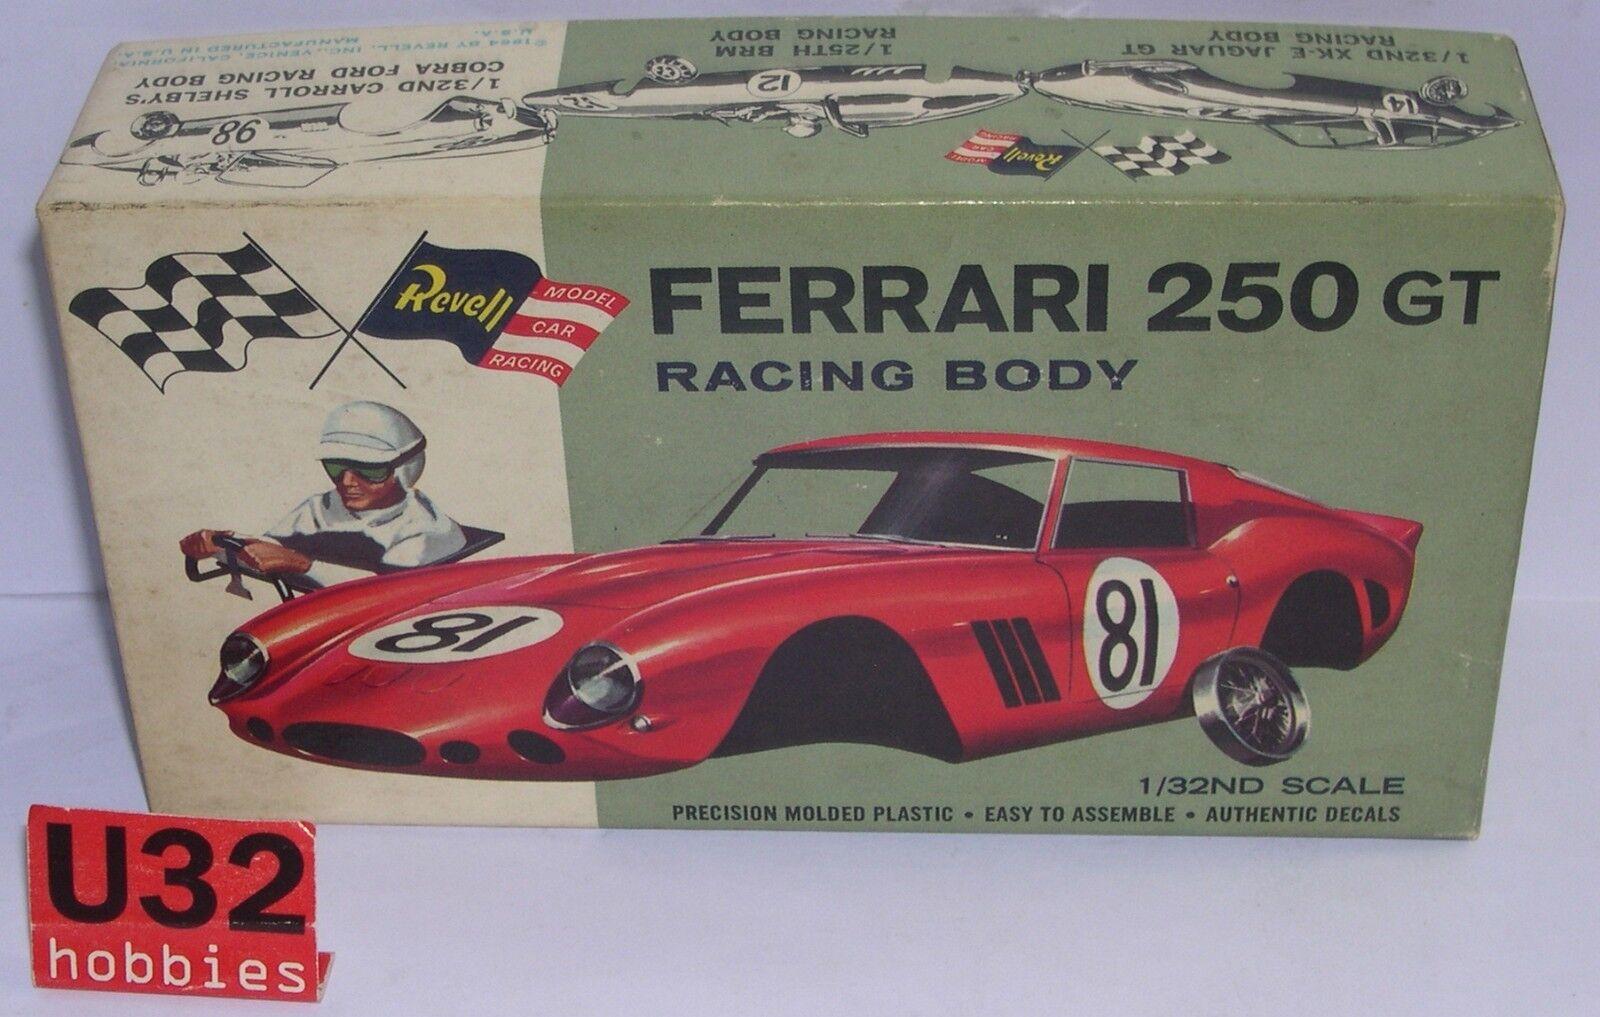 REVELL FN MODEL 3201 KIT CARROZZERIA FERRARI 250 GT RACING BODY 1 32